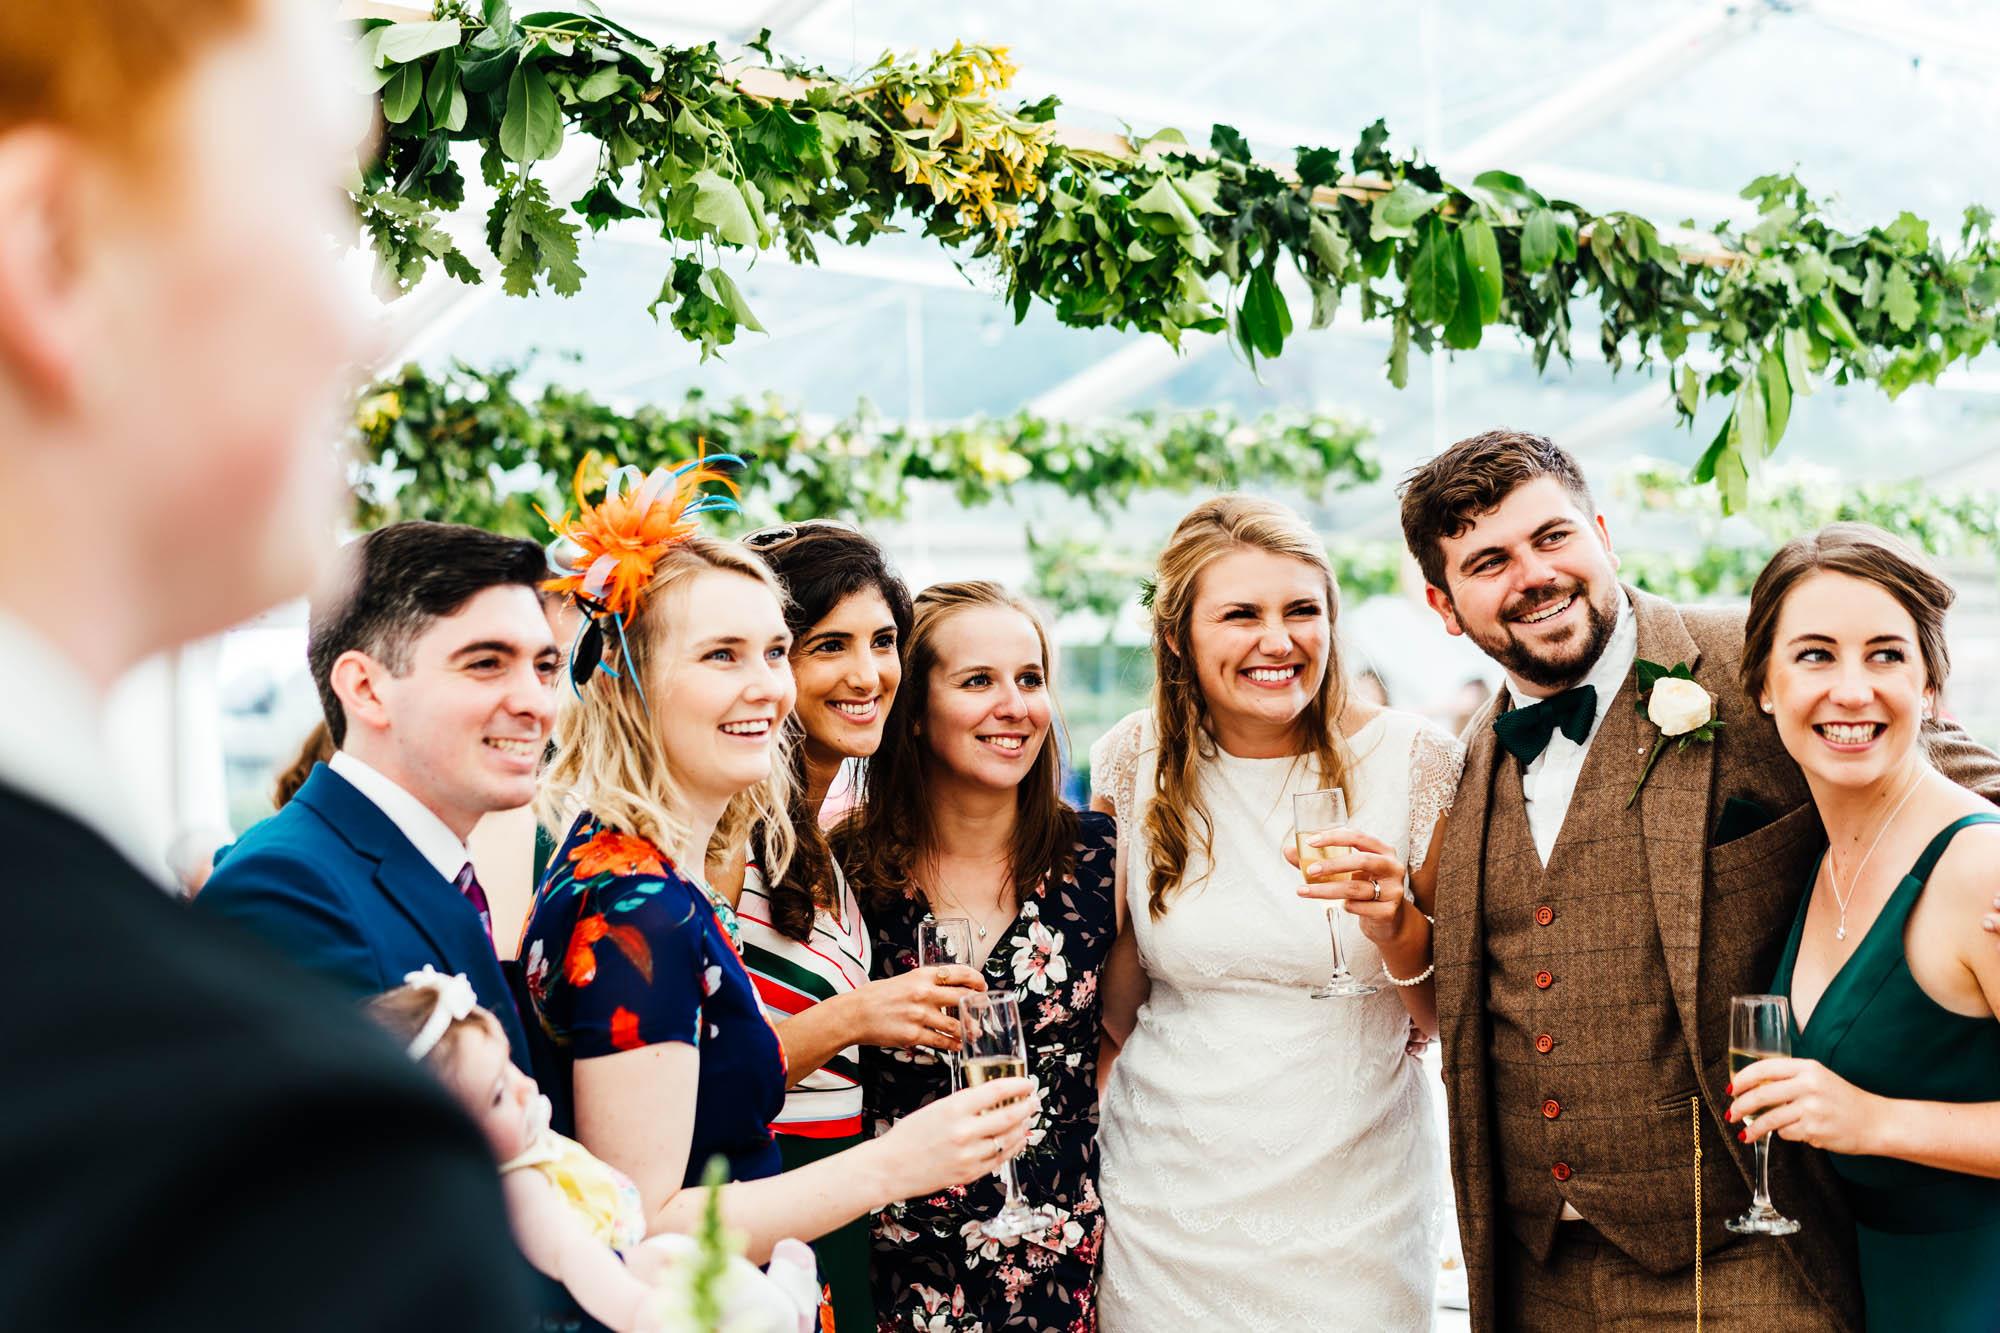 village-fete-wedding-53